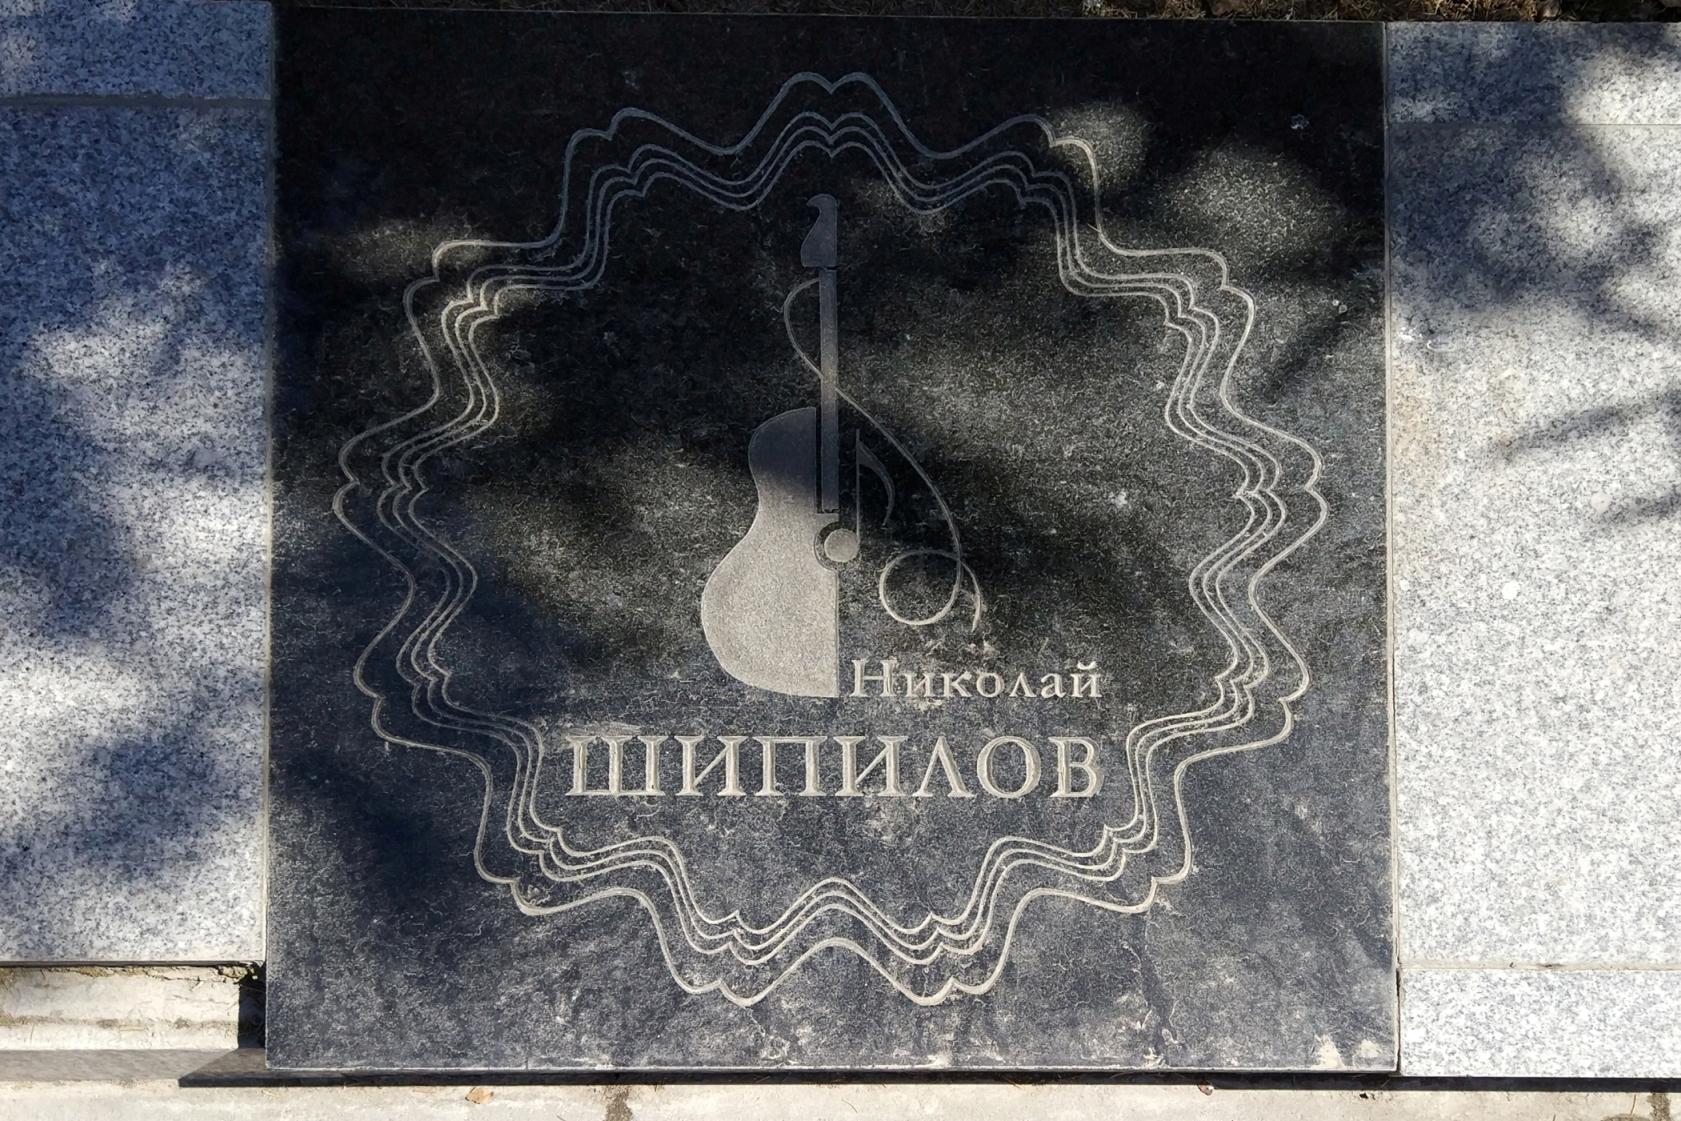 Мемориальная доска, посвящённая Николаю Шипилову